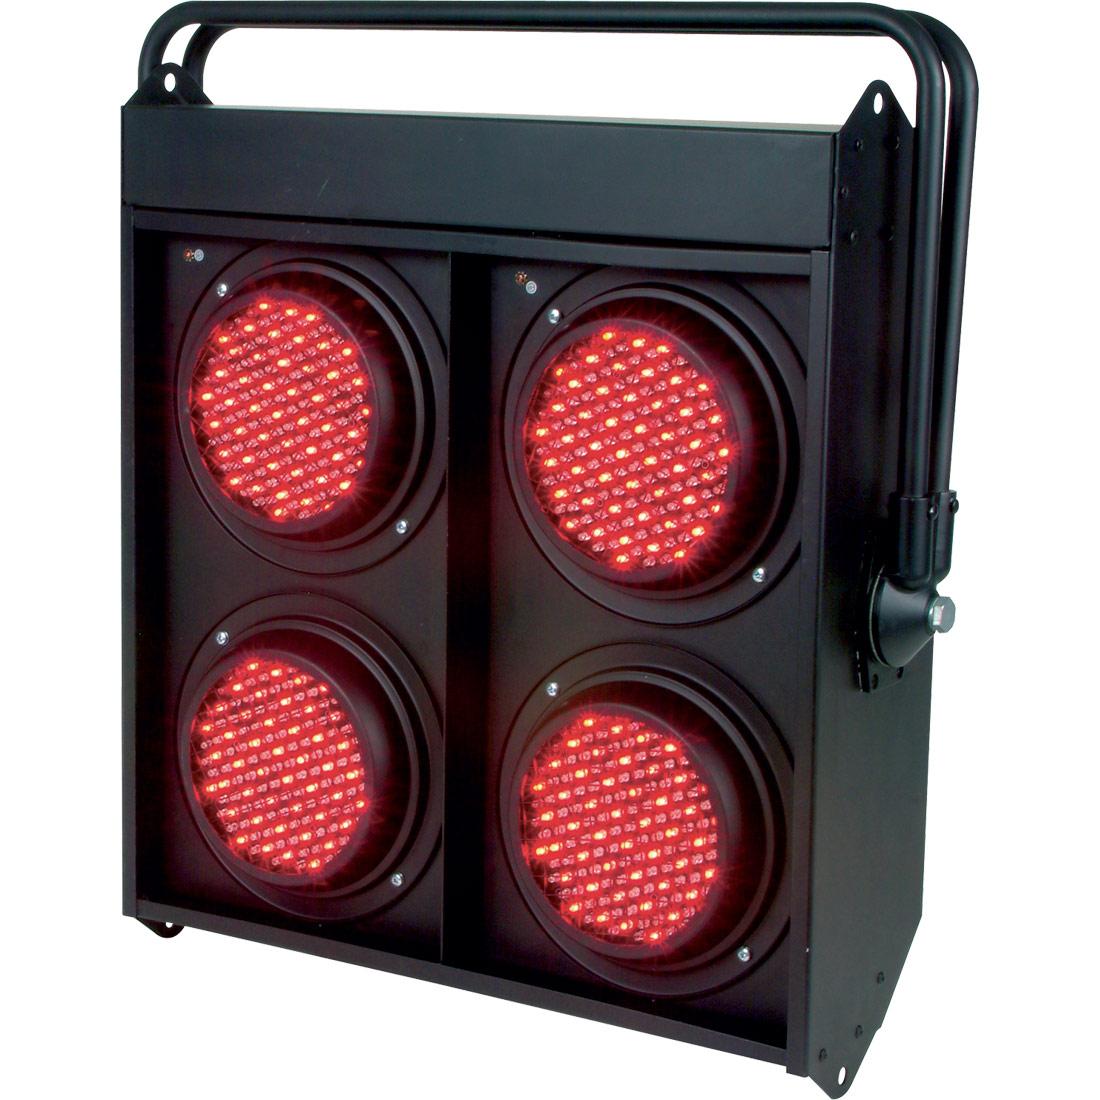 LED PAR 64 Blinder DMX